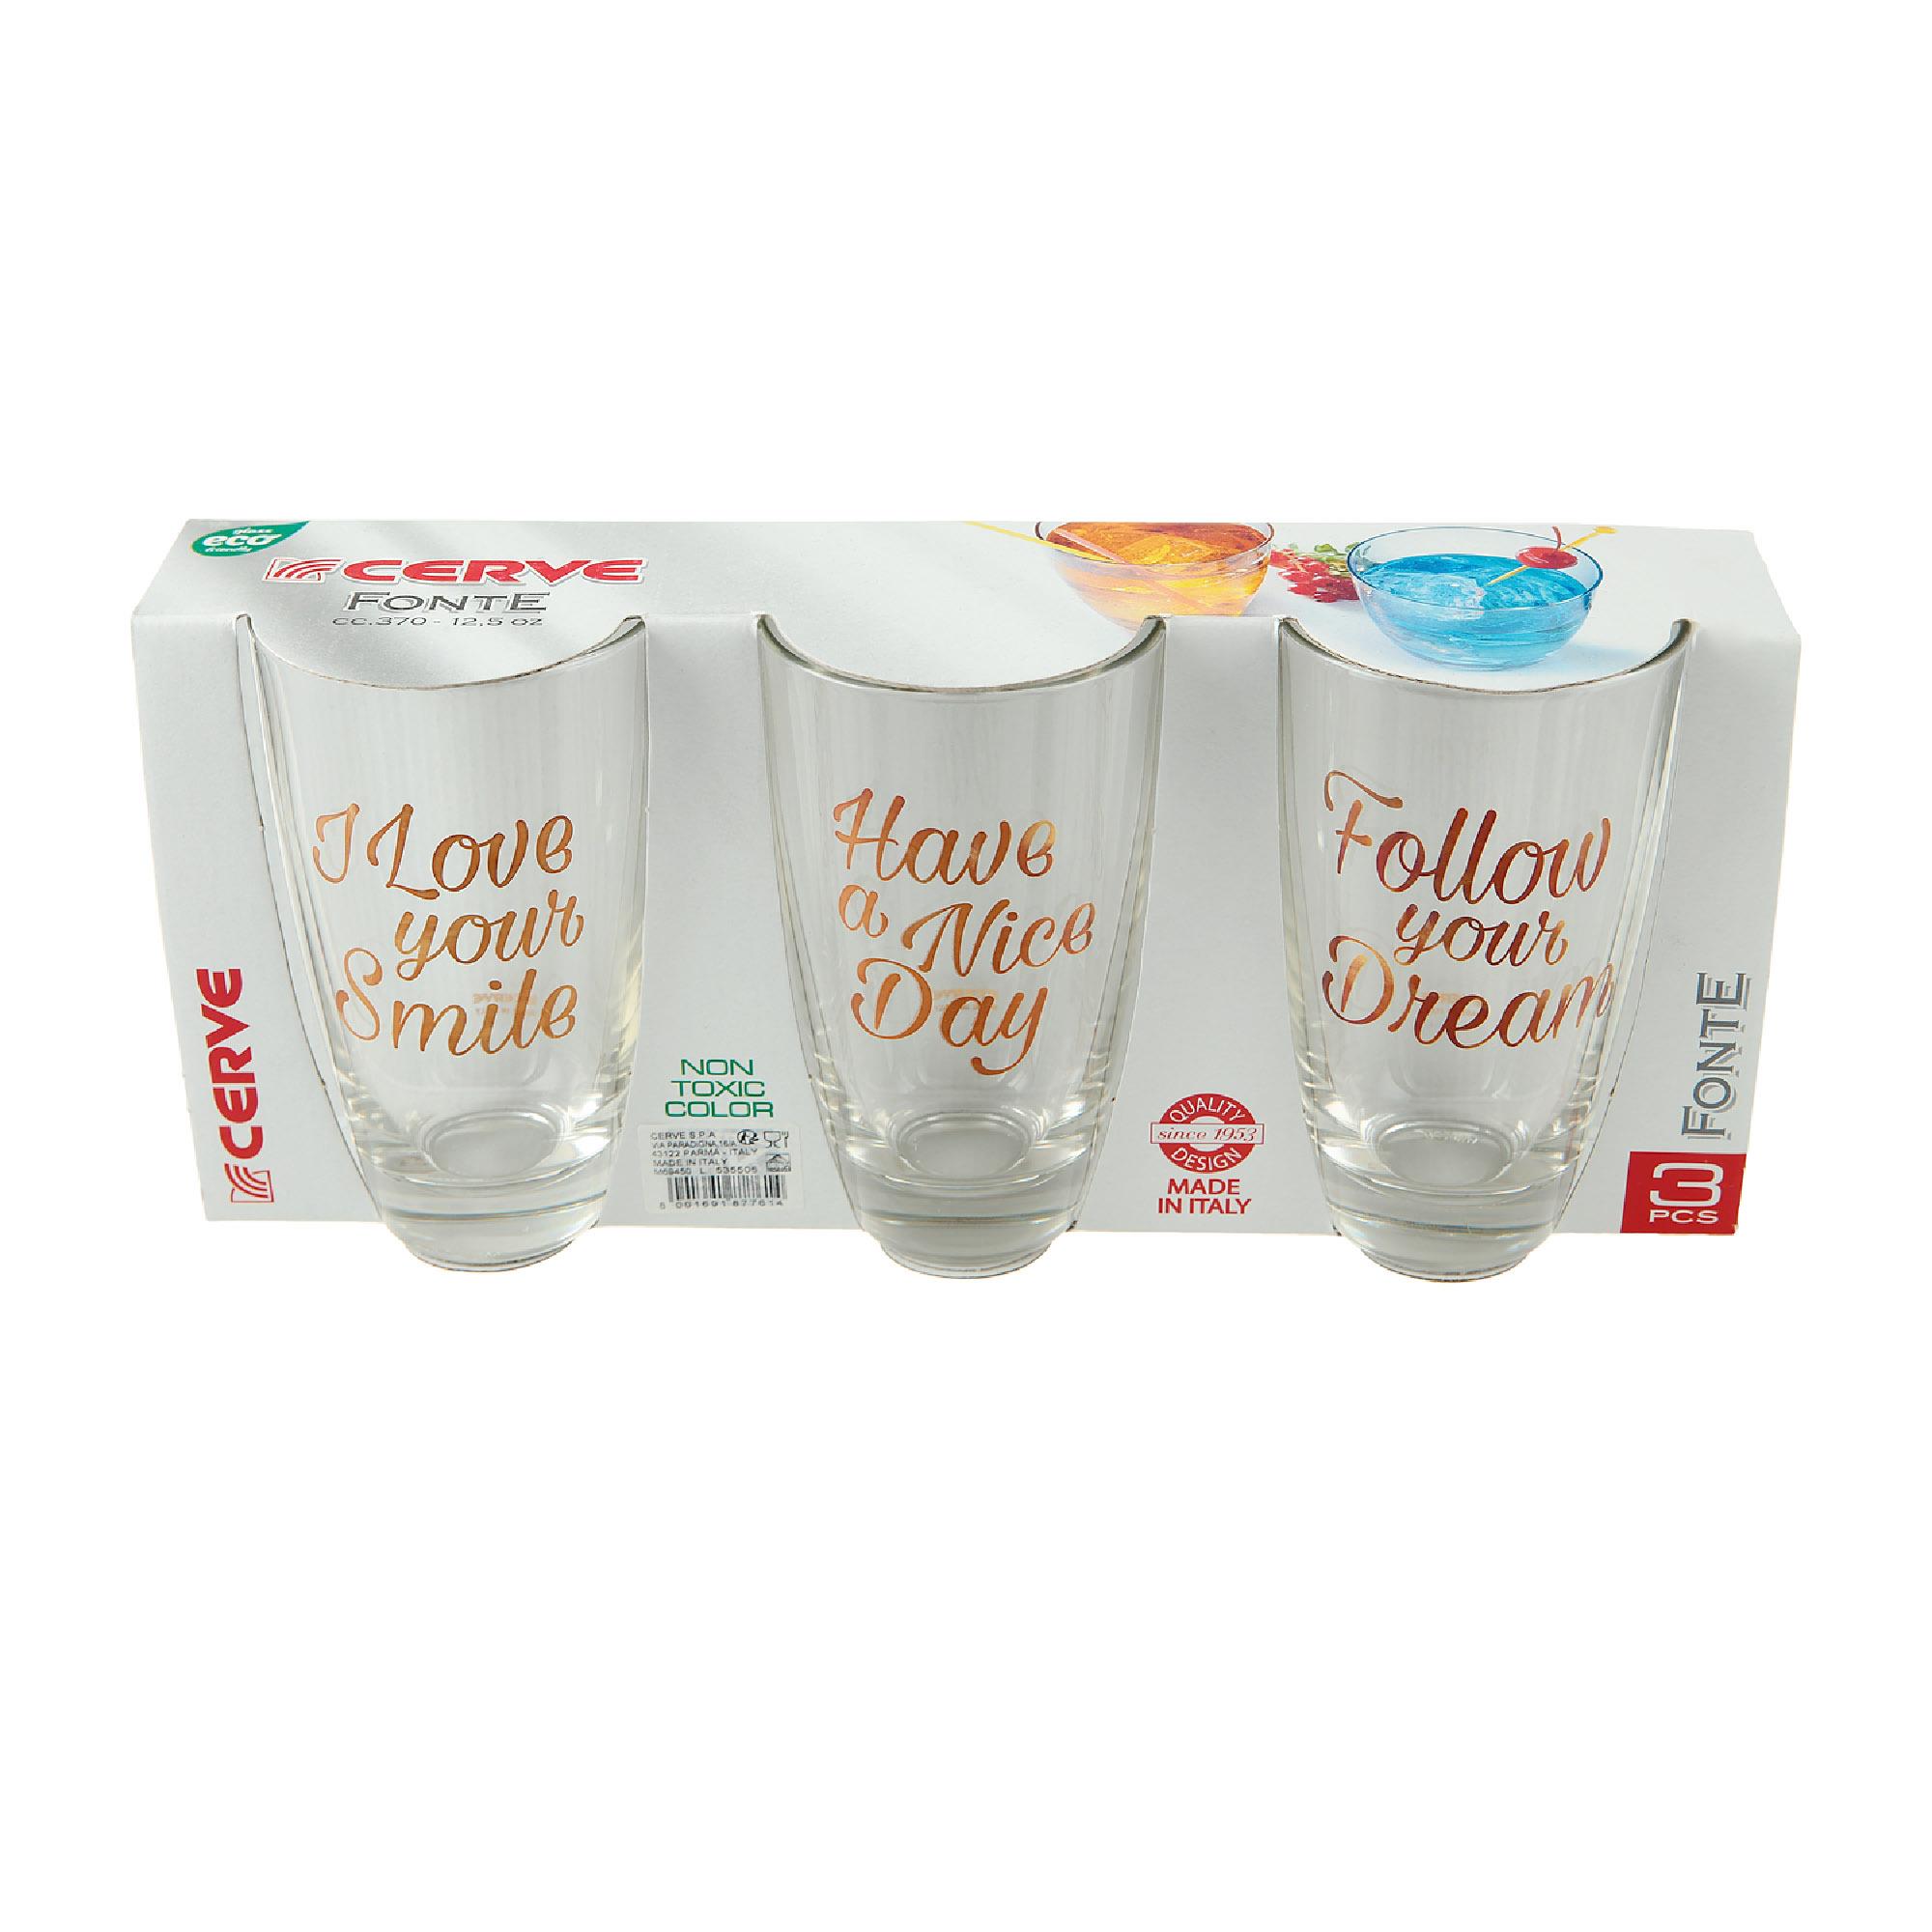 Набор высоких стаканов для воды 3х370мл Cerve fonte фото